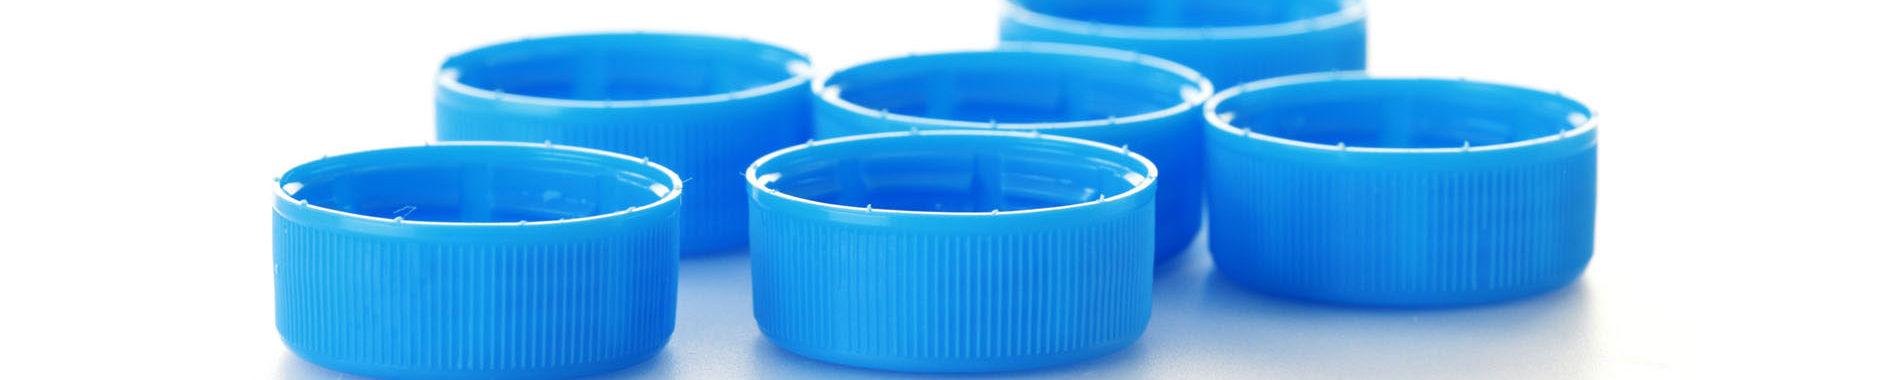 Fabricación de tapas para botellas 2c1a8912b936